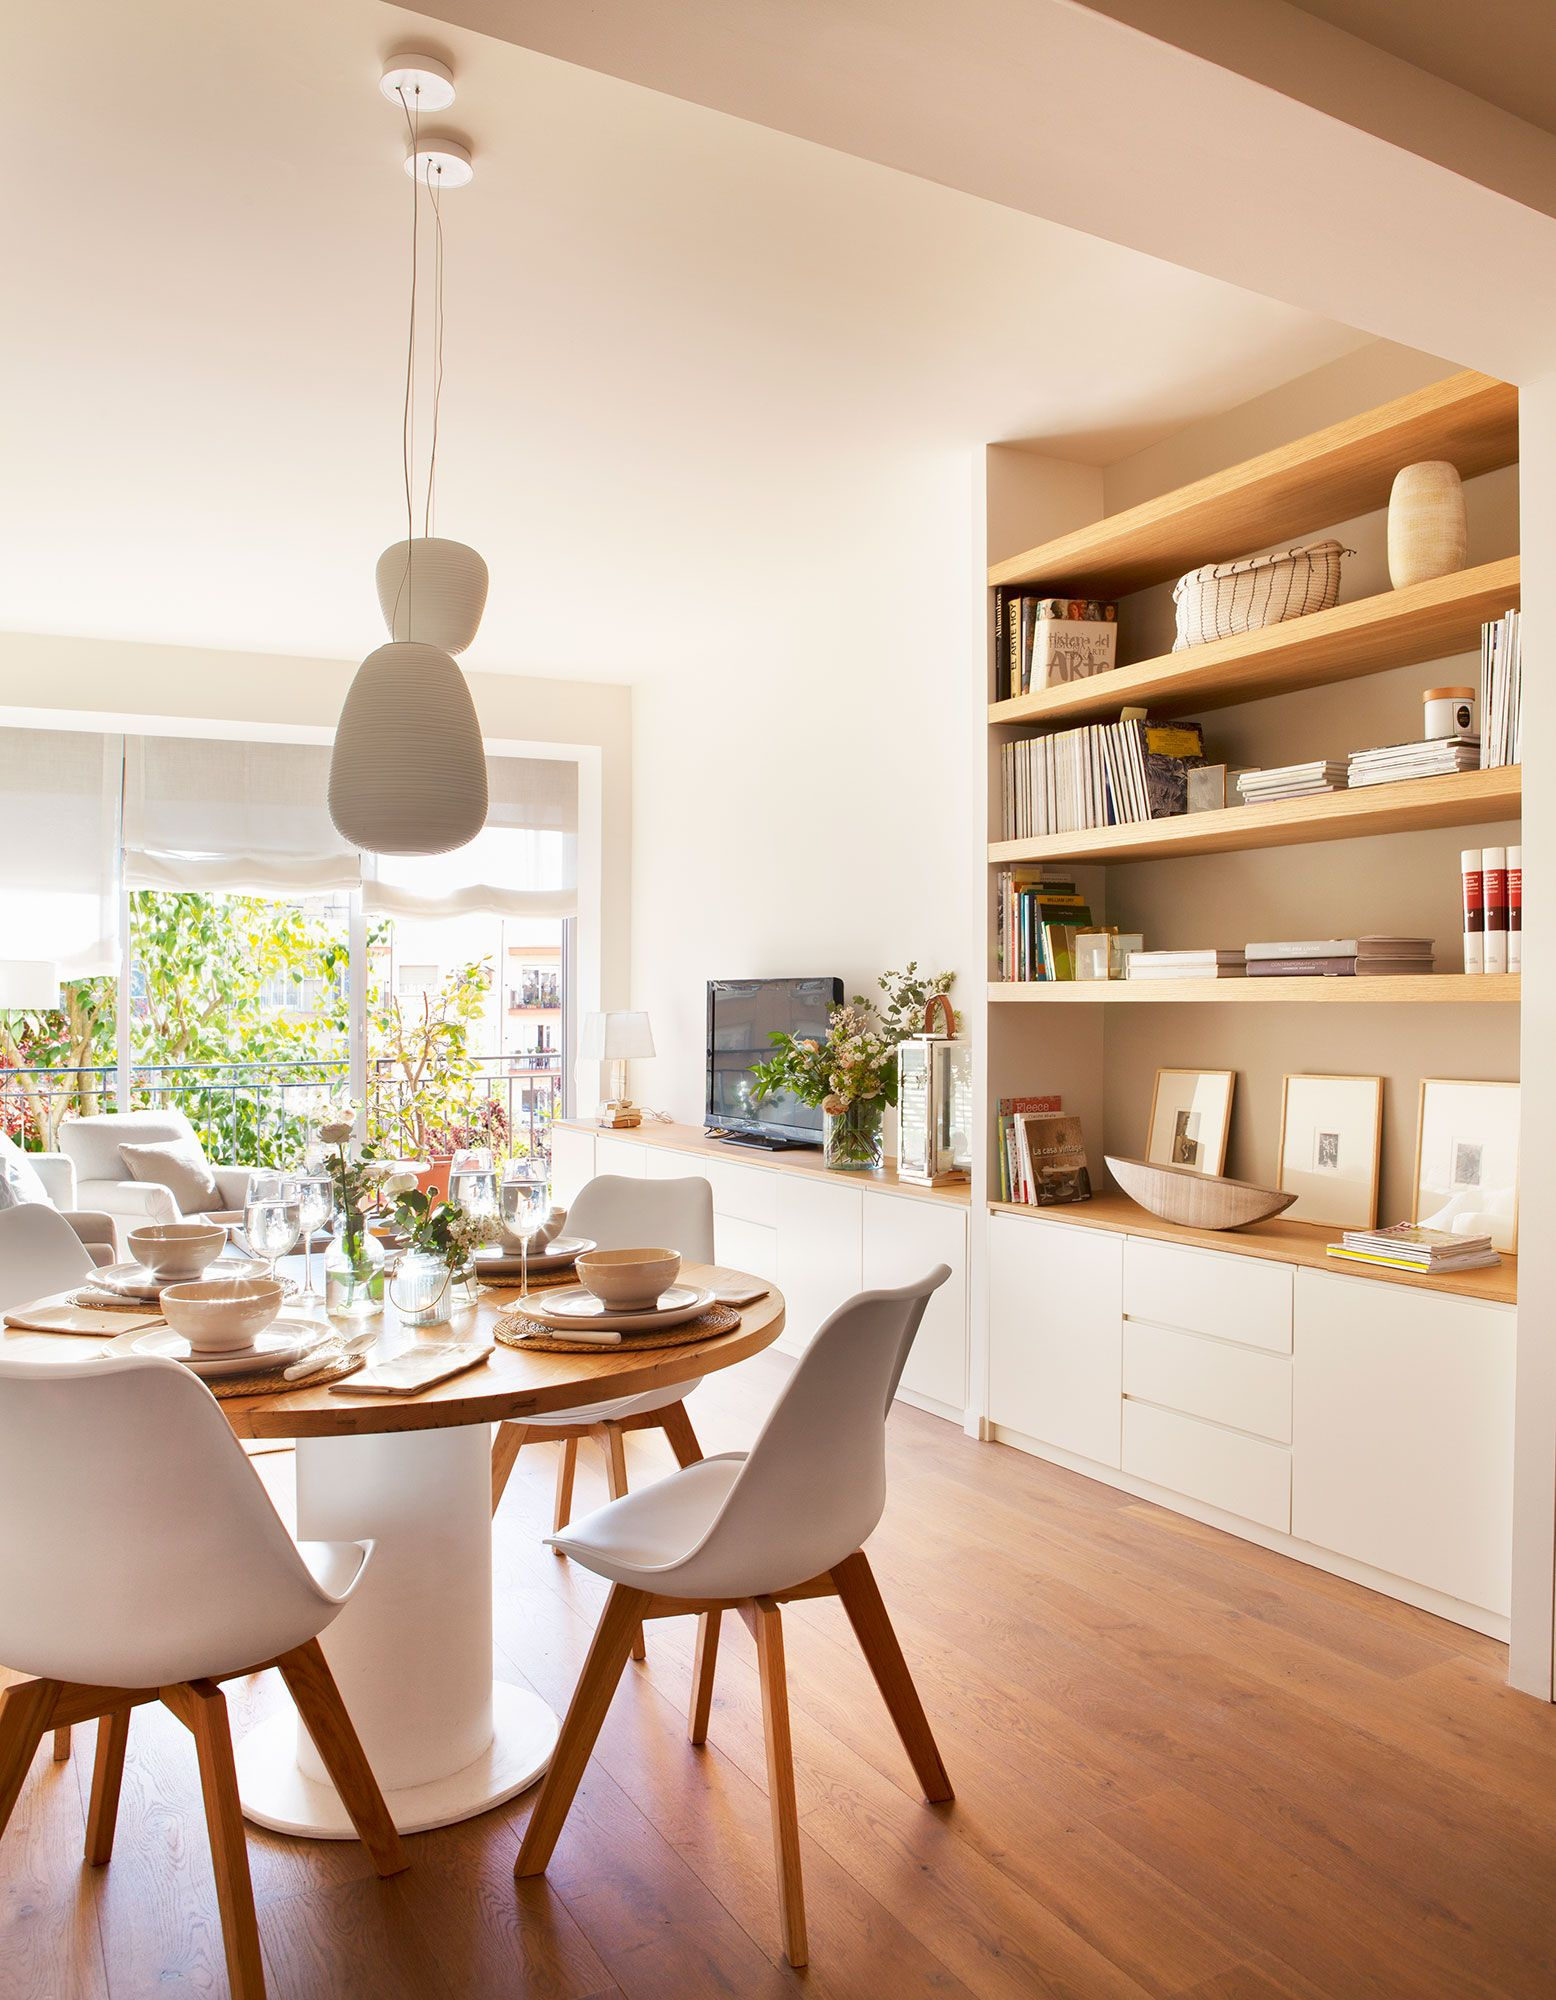 Comedor integrado en el salón con mesa redonda en blanco y madera e4387810bf77